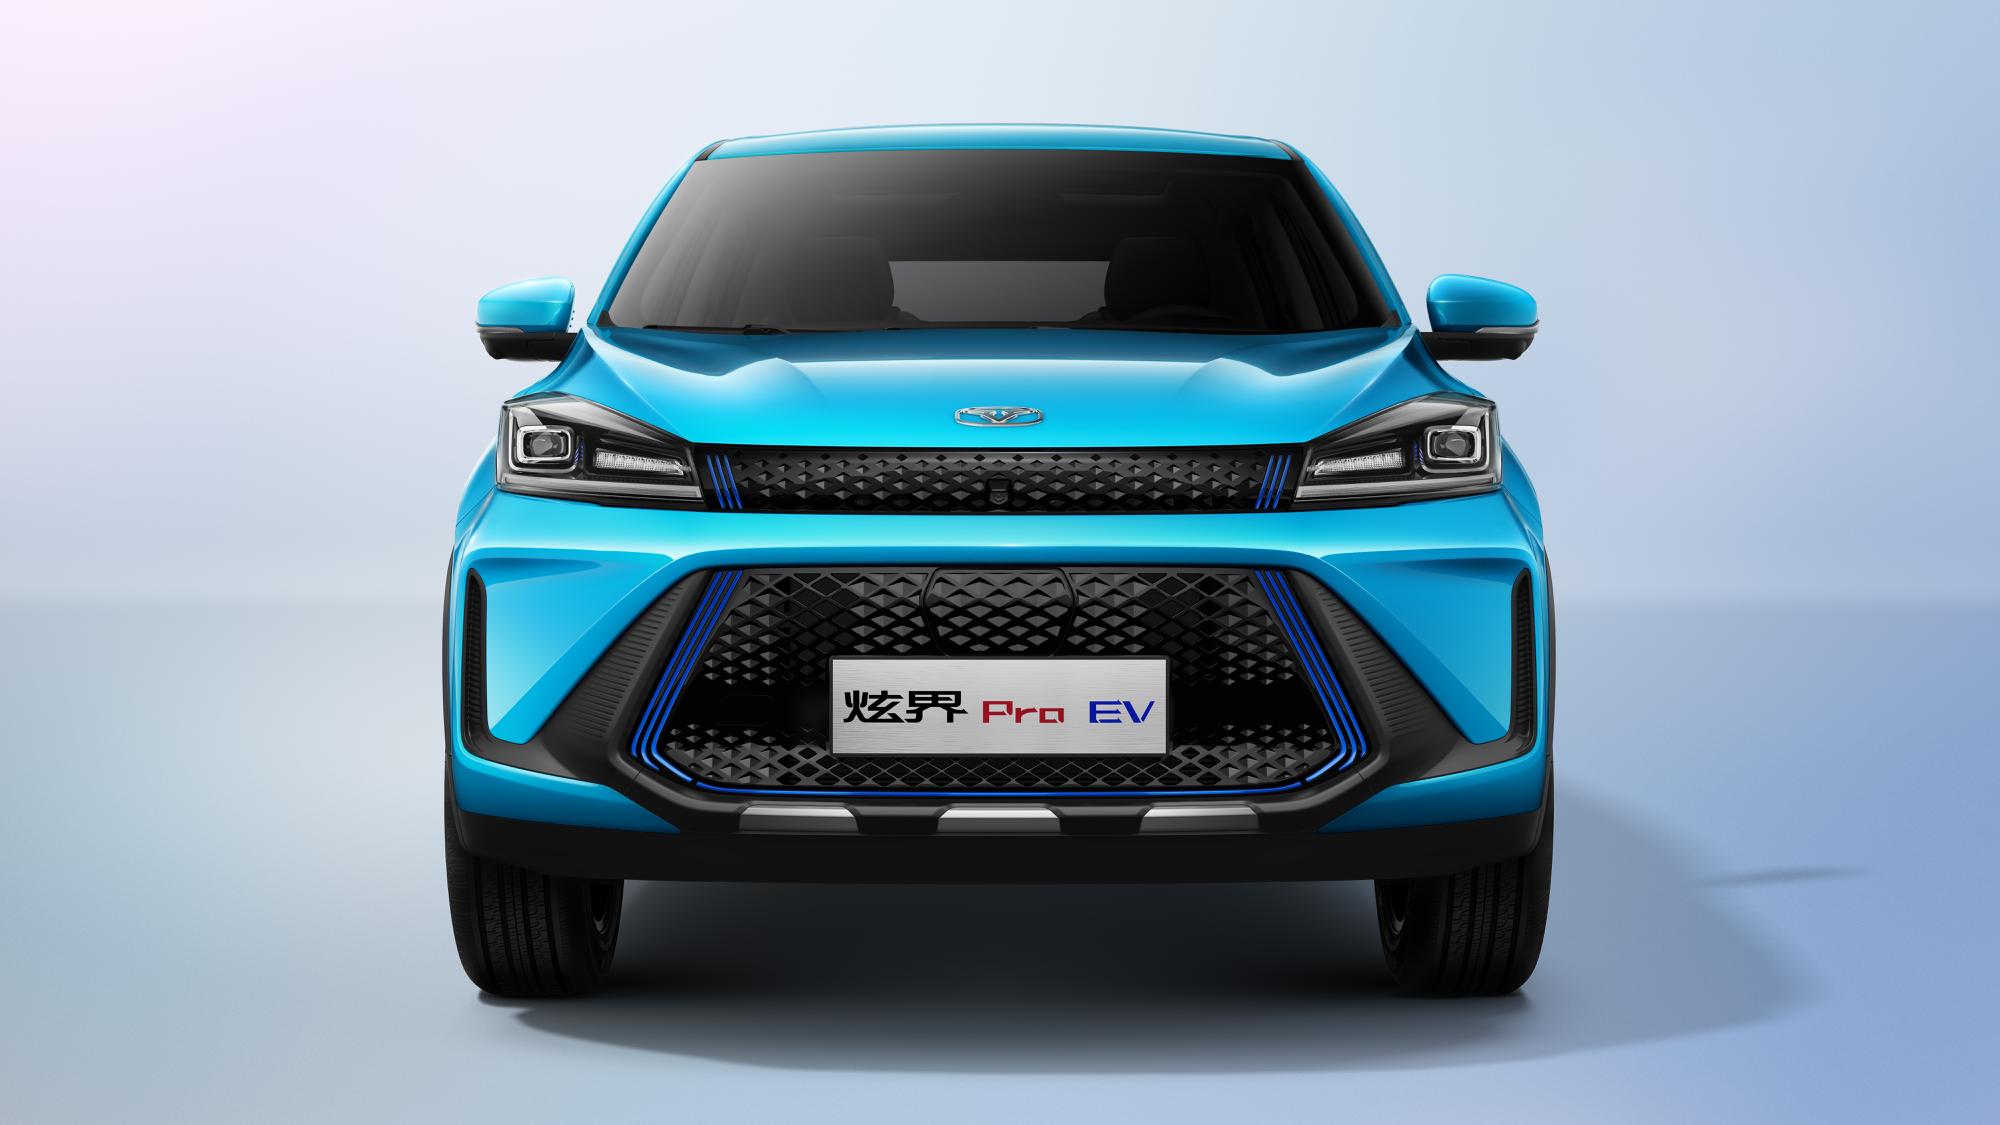 """""""智趣纯电小钢炮"""" 凯翼炫界Pro EV将于9月29日上市"""